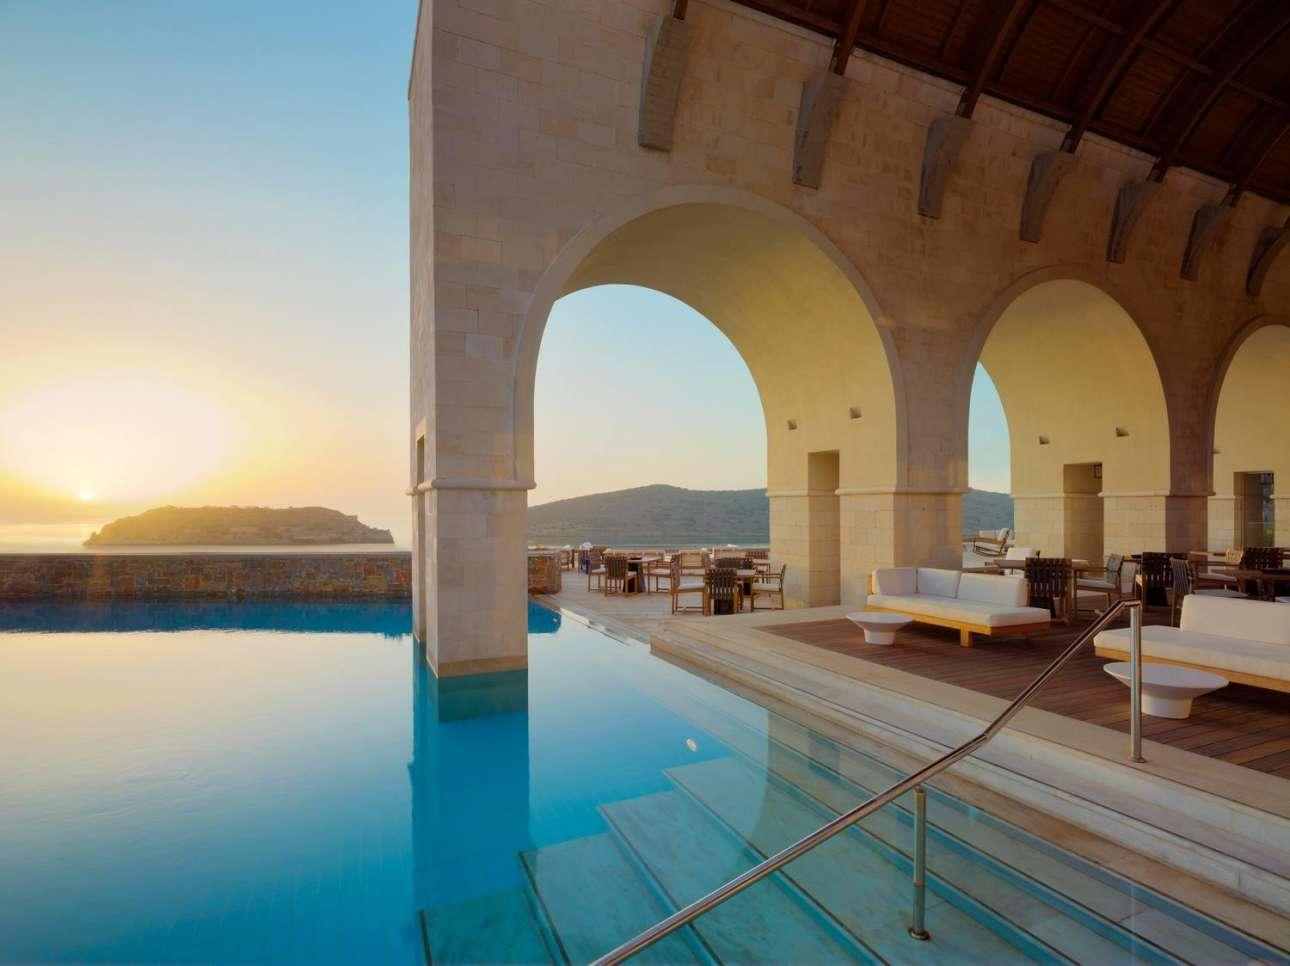 Εκπληκτική θέα στο Κρητικό Πέλαγος και στη Σπιναλόγκα από το μοντέρνο ξενοδοχείο «Blue Palace»